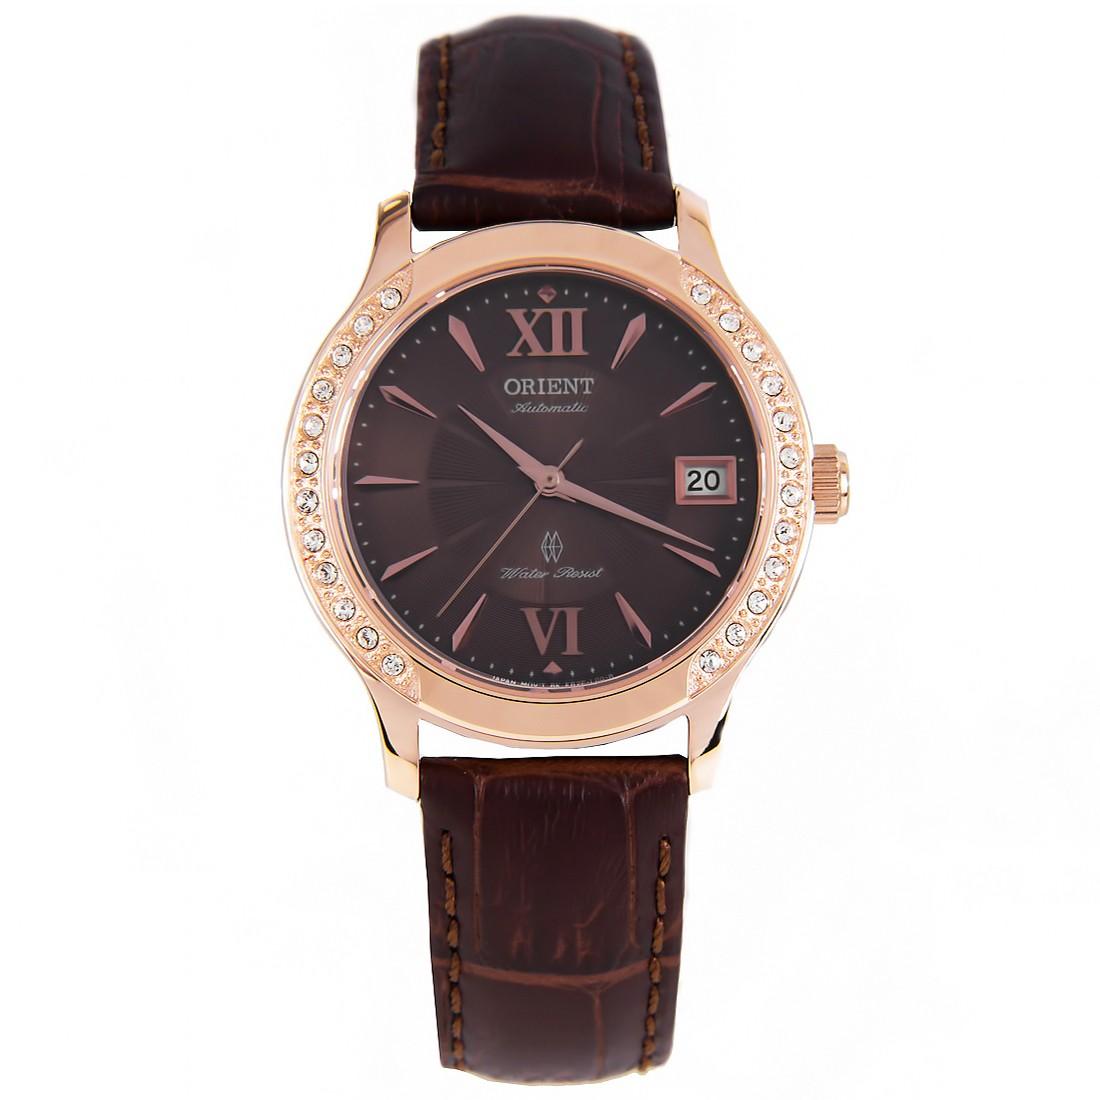 นาฬิกาผู้หญิง Orient รุ่น FER2E001T0, Automatic Fashionable Crystal